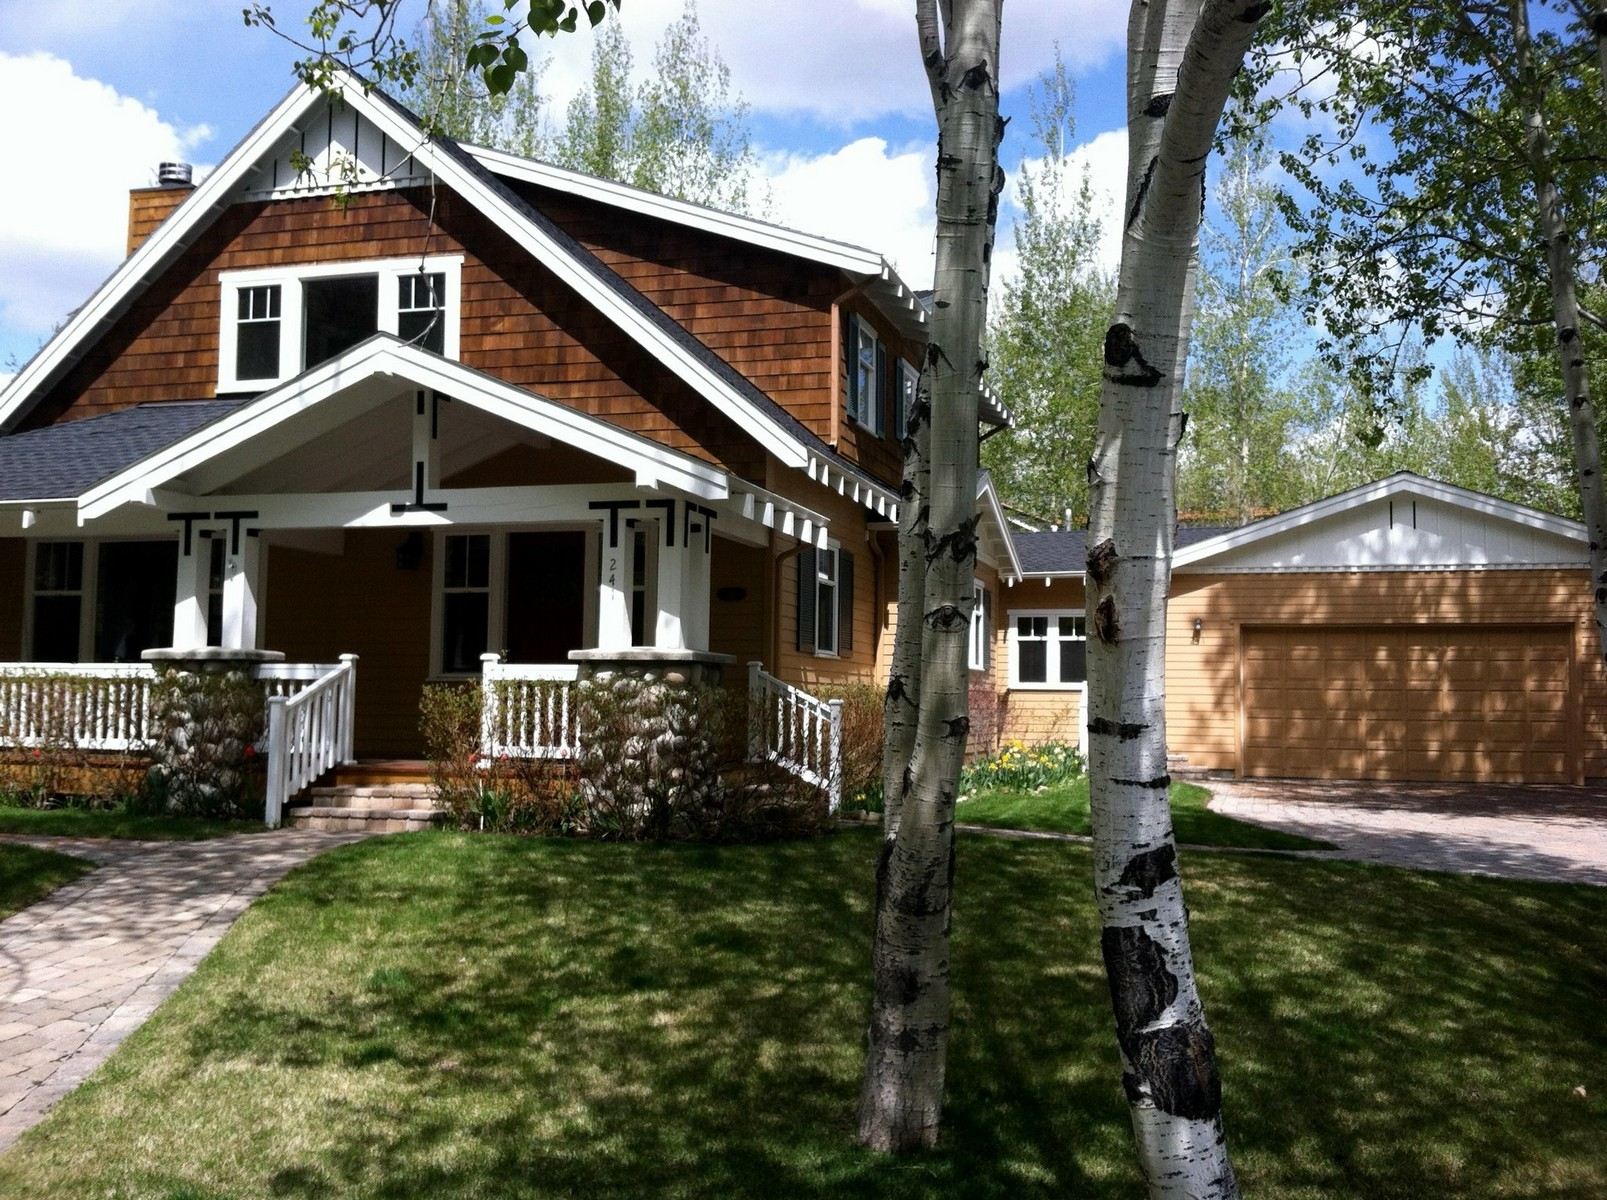 独户住宅 为 销售 在 Cedar Bend Craftsman 241 W Cedar St 黑利, 爱达荷州, 83333 美国